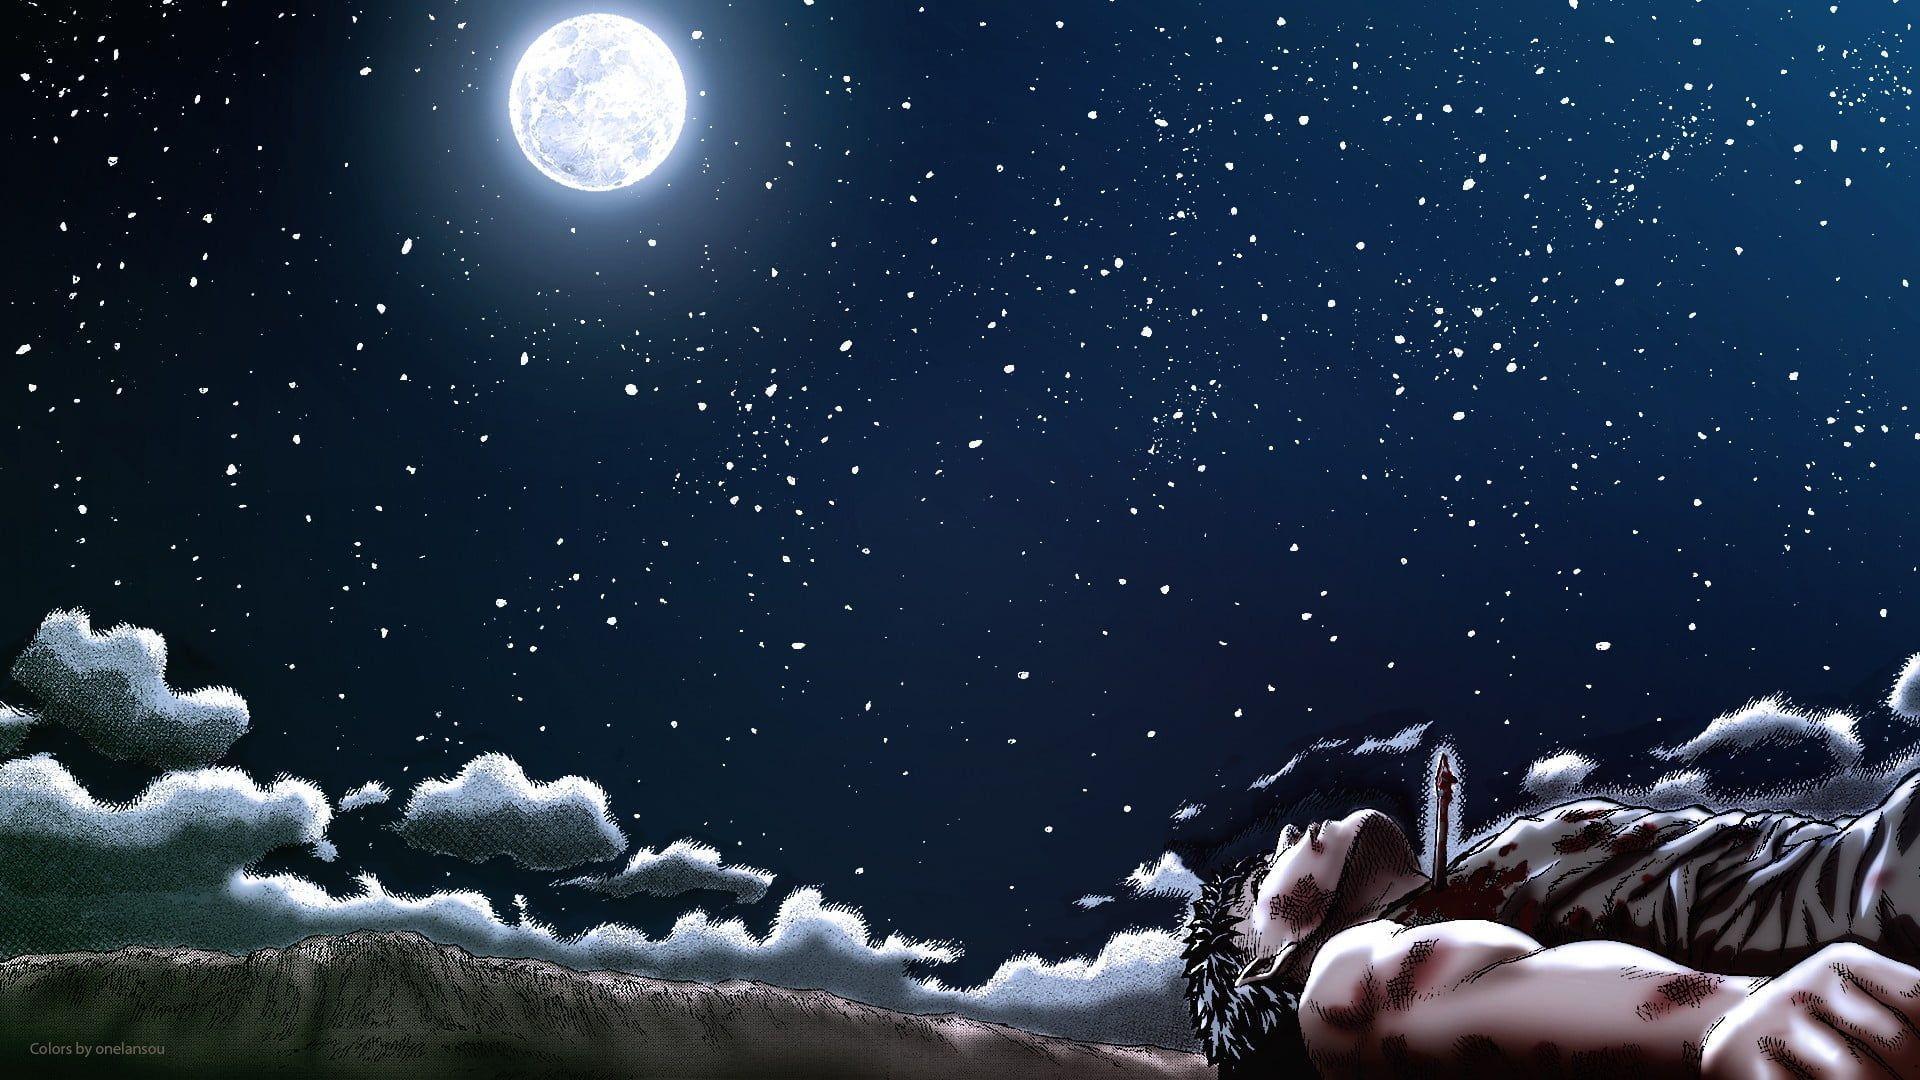 Moonlight Night Wallpaper 1920x1080